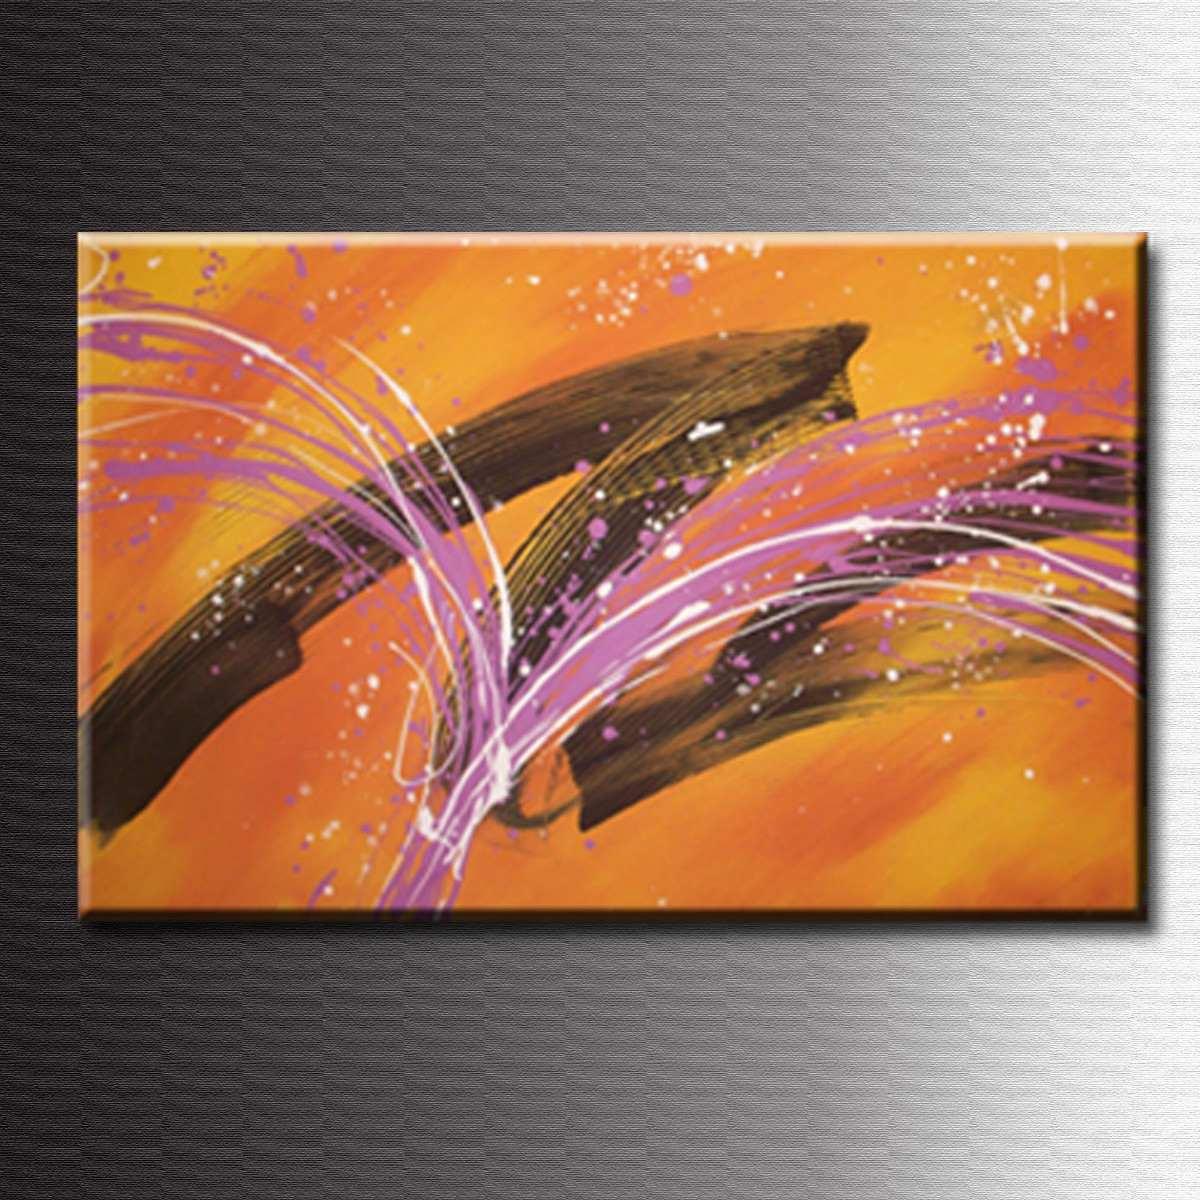 Fotos de cuadros abstractos modernos imagui for Fotos cuadros abstractos